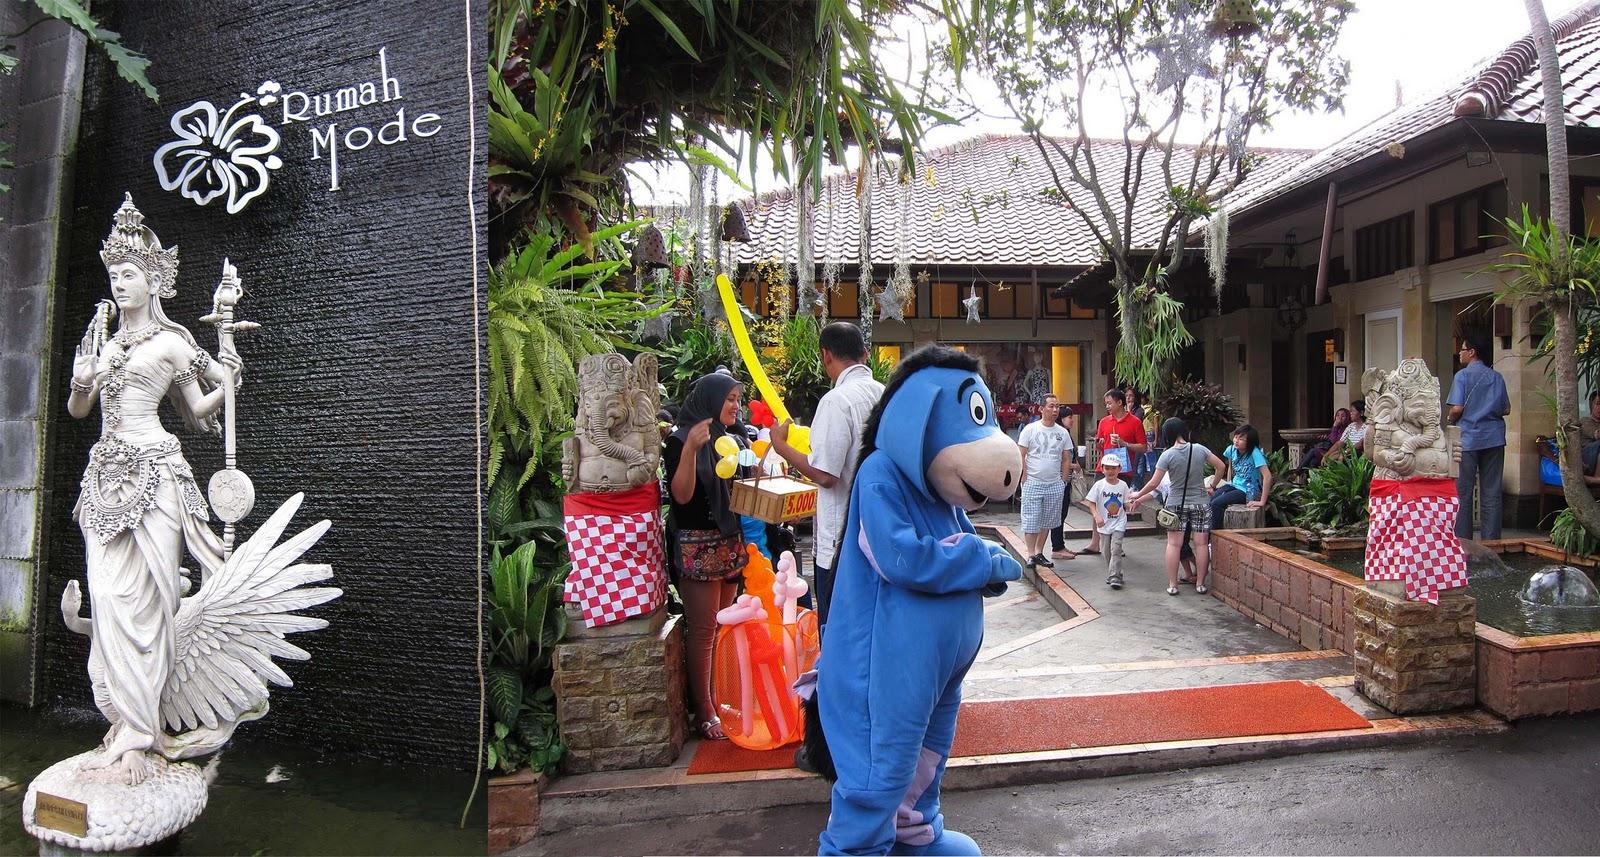 Taman Bunga Cihideung Lembang Bandung Tempat Pariwisata Rumah Mode Belanja